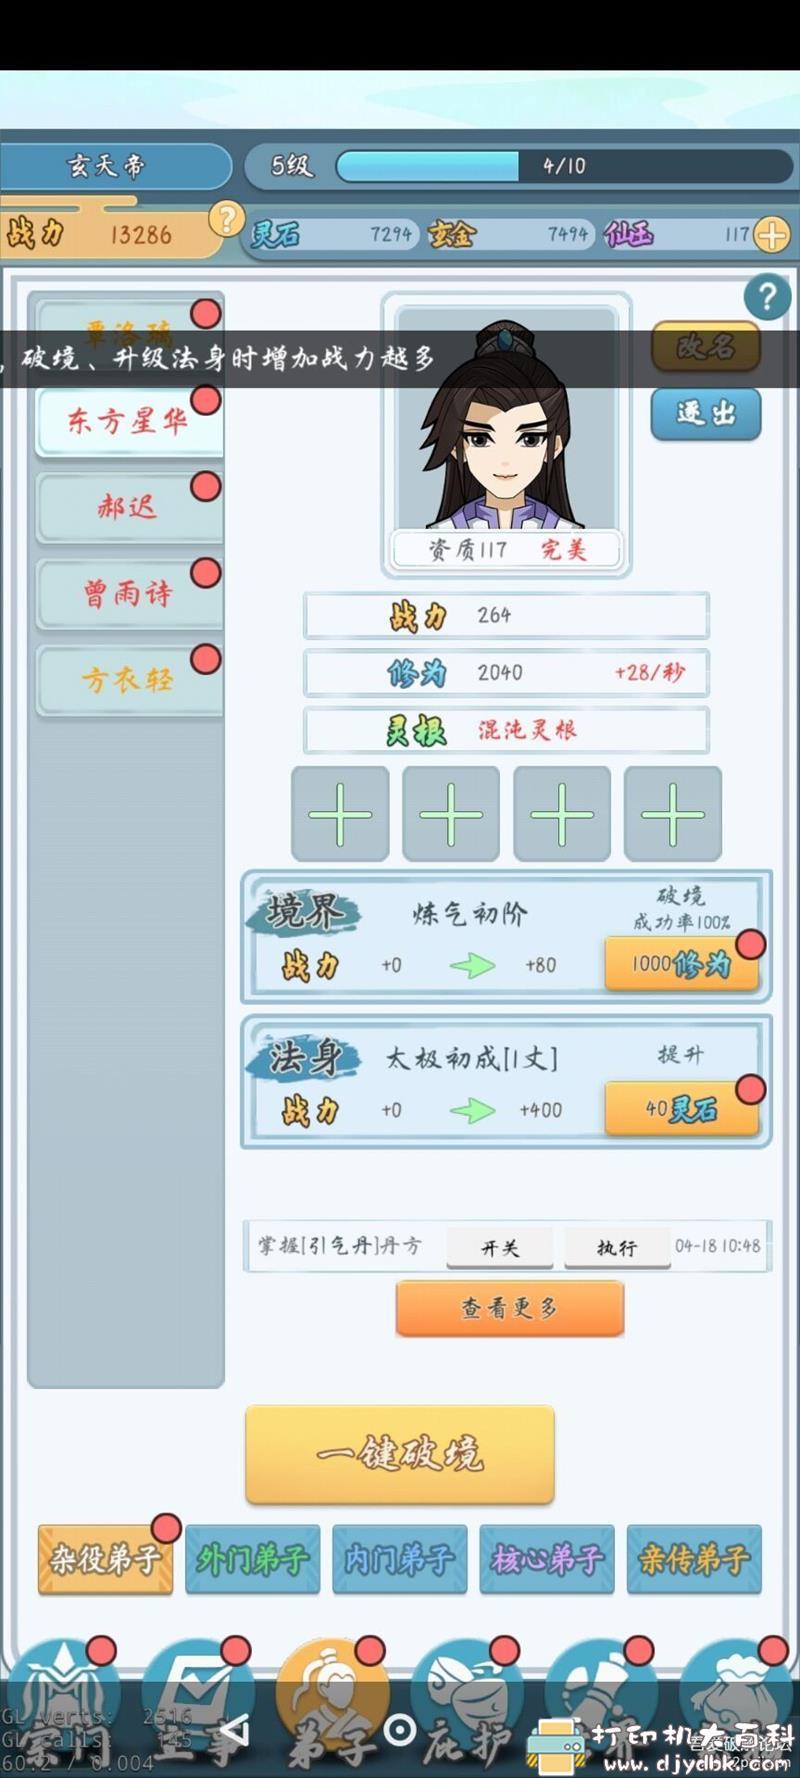 安卓游戏分享:修仙门派模拟器1.1,作弊模式、无限采集等图片 No.5